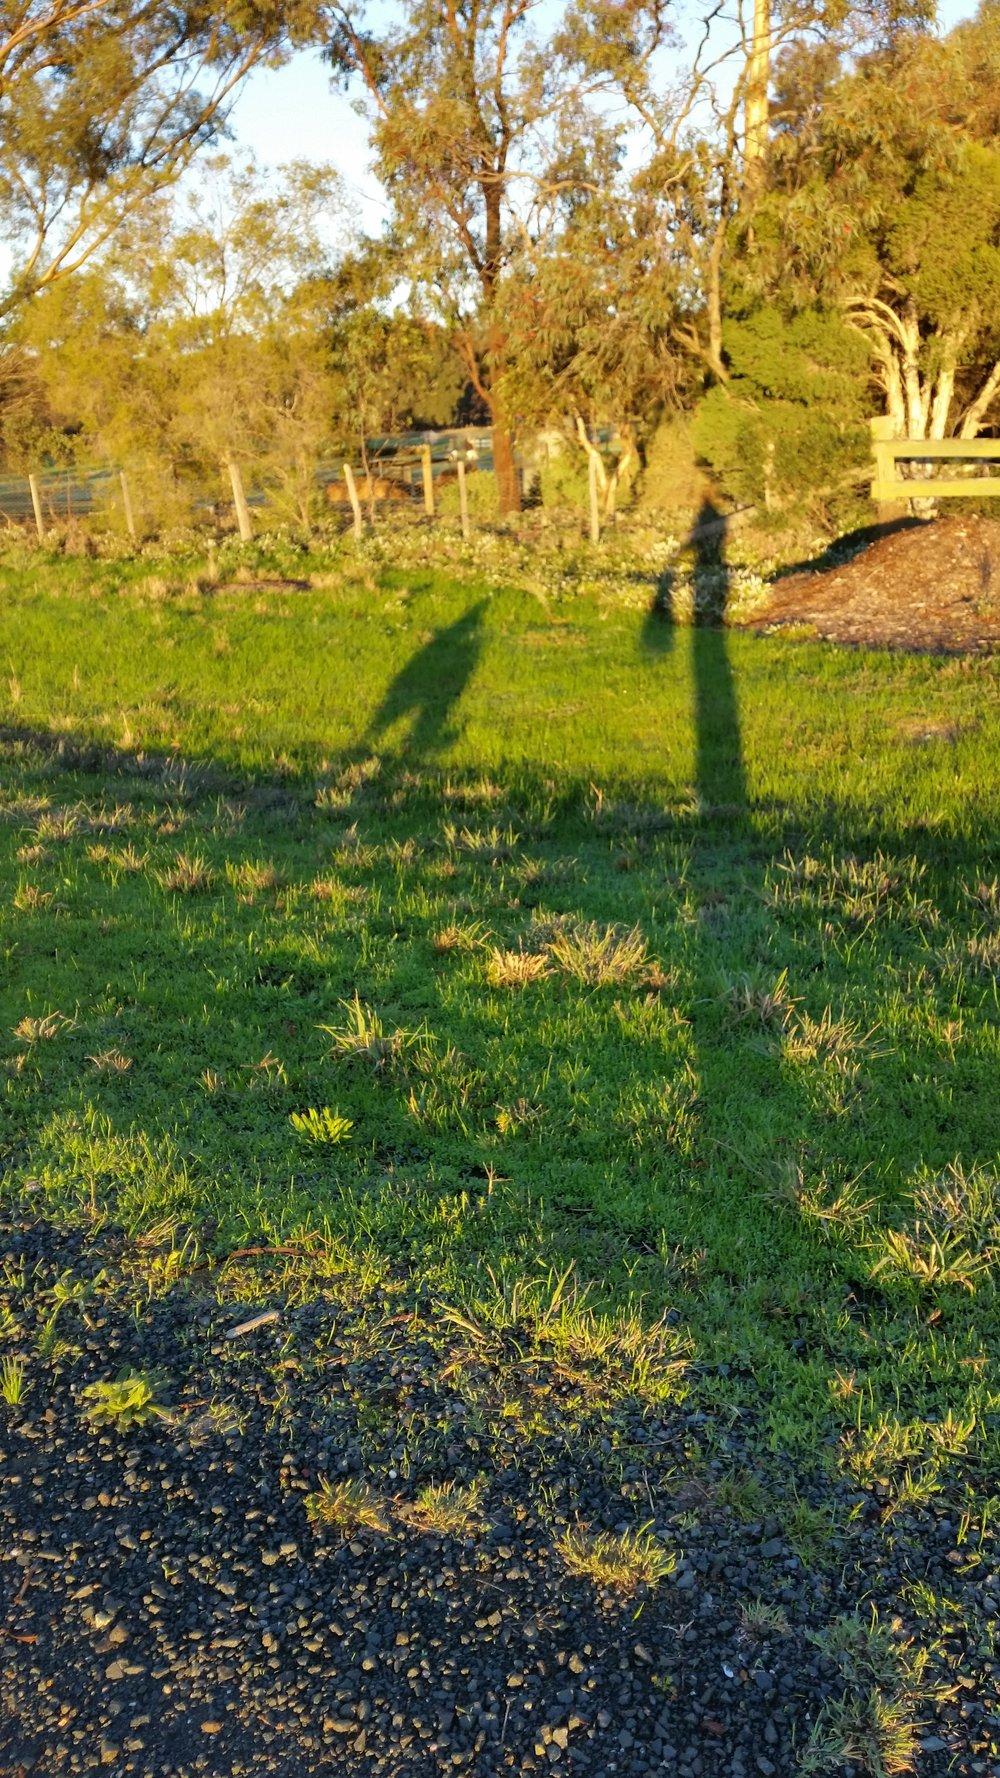 Our golden shadows